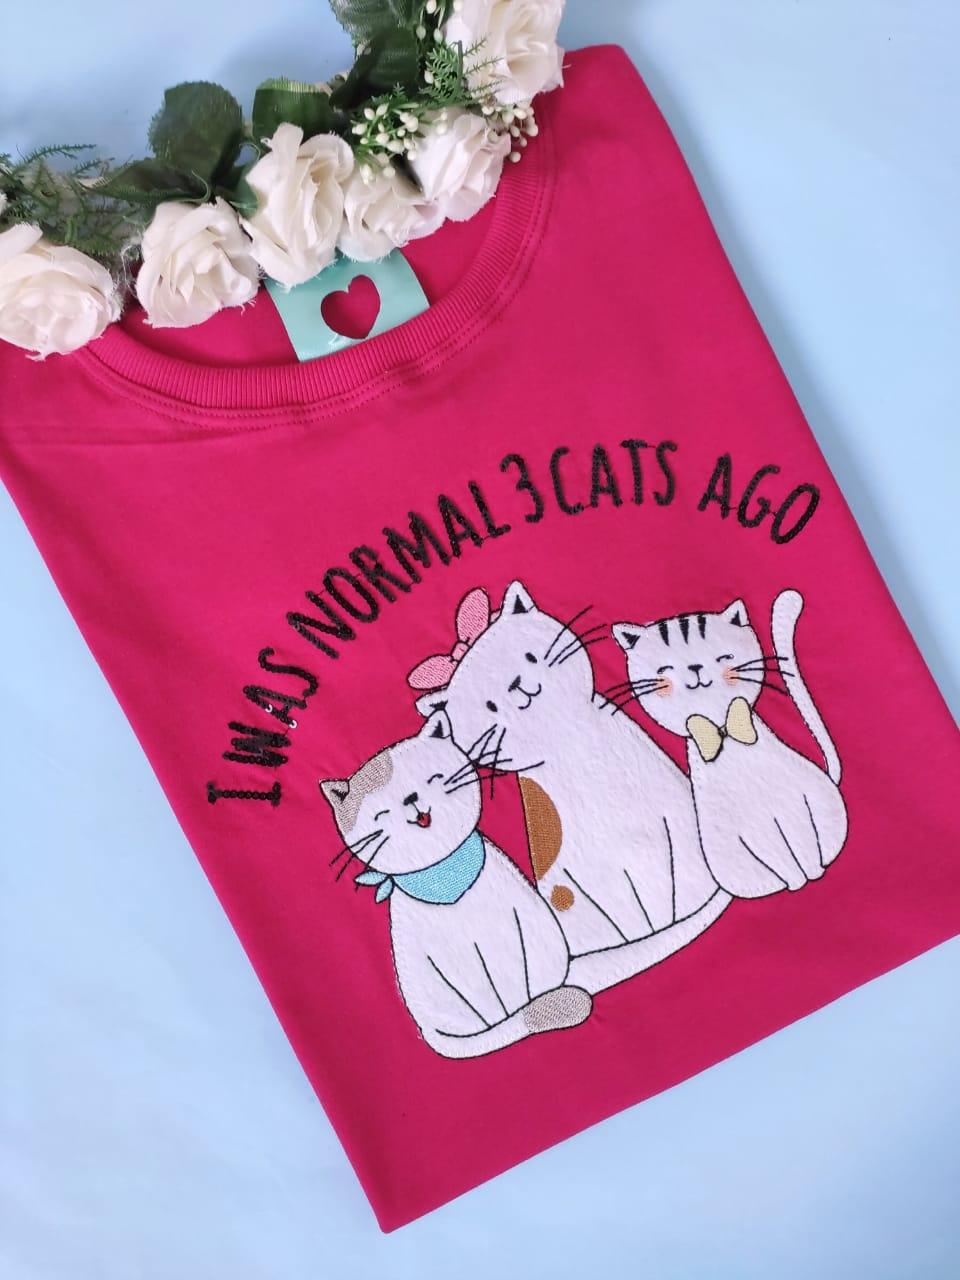 Camiseta 3 Cats Ago Rosa Choque